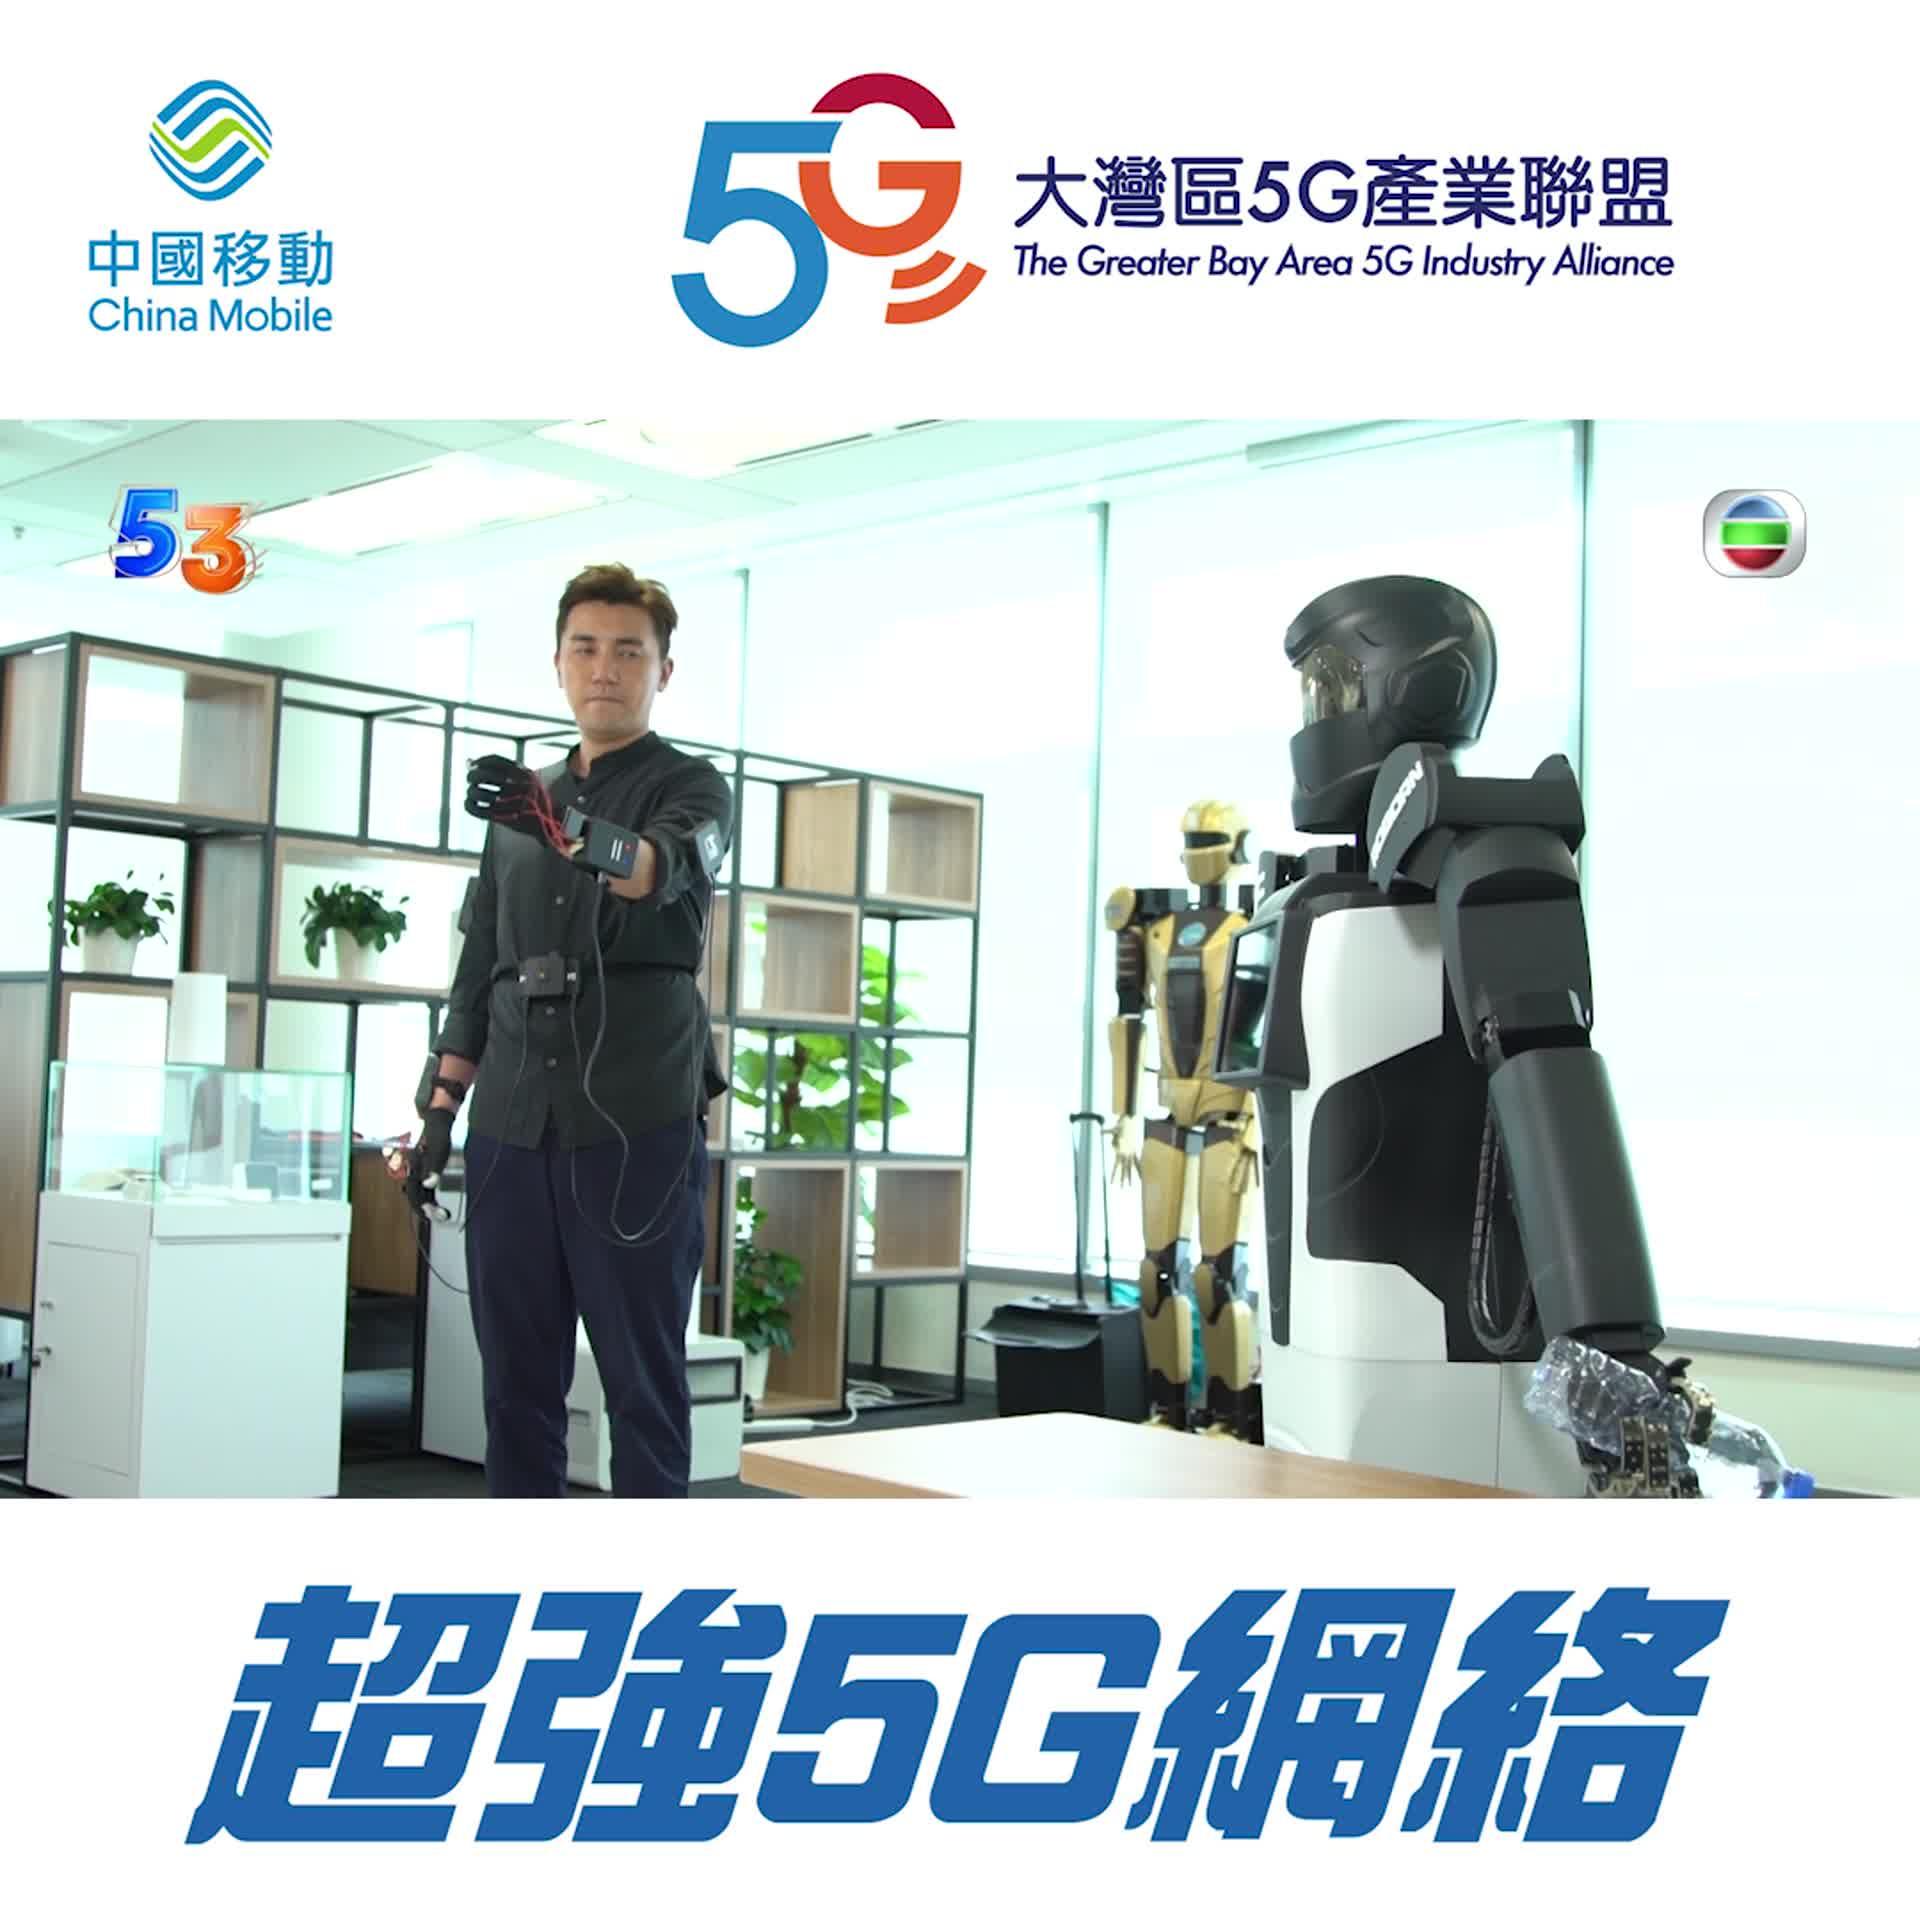 【5G改寫我們的故事】全城投入5G國度